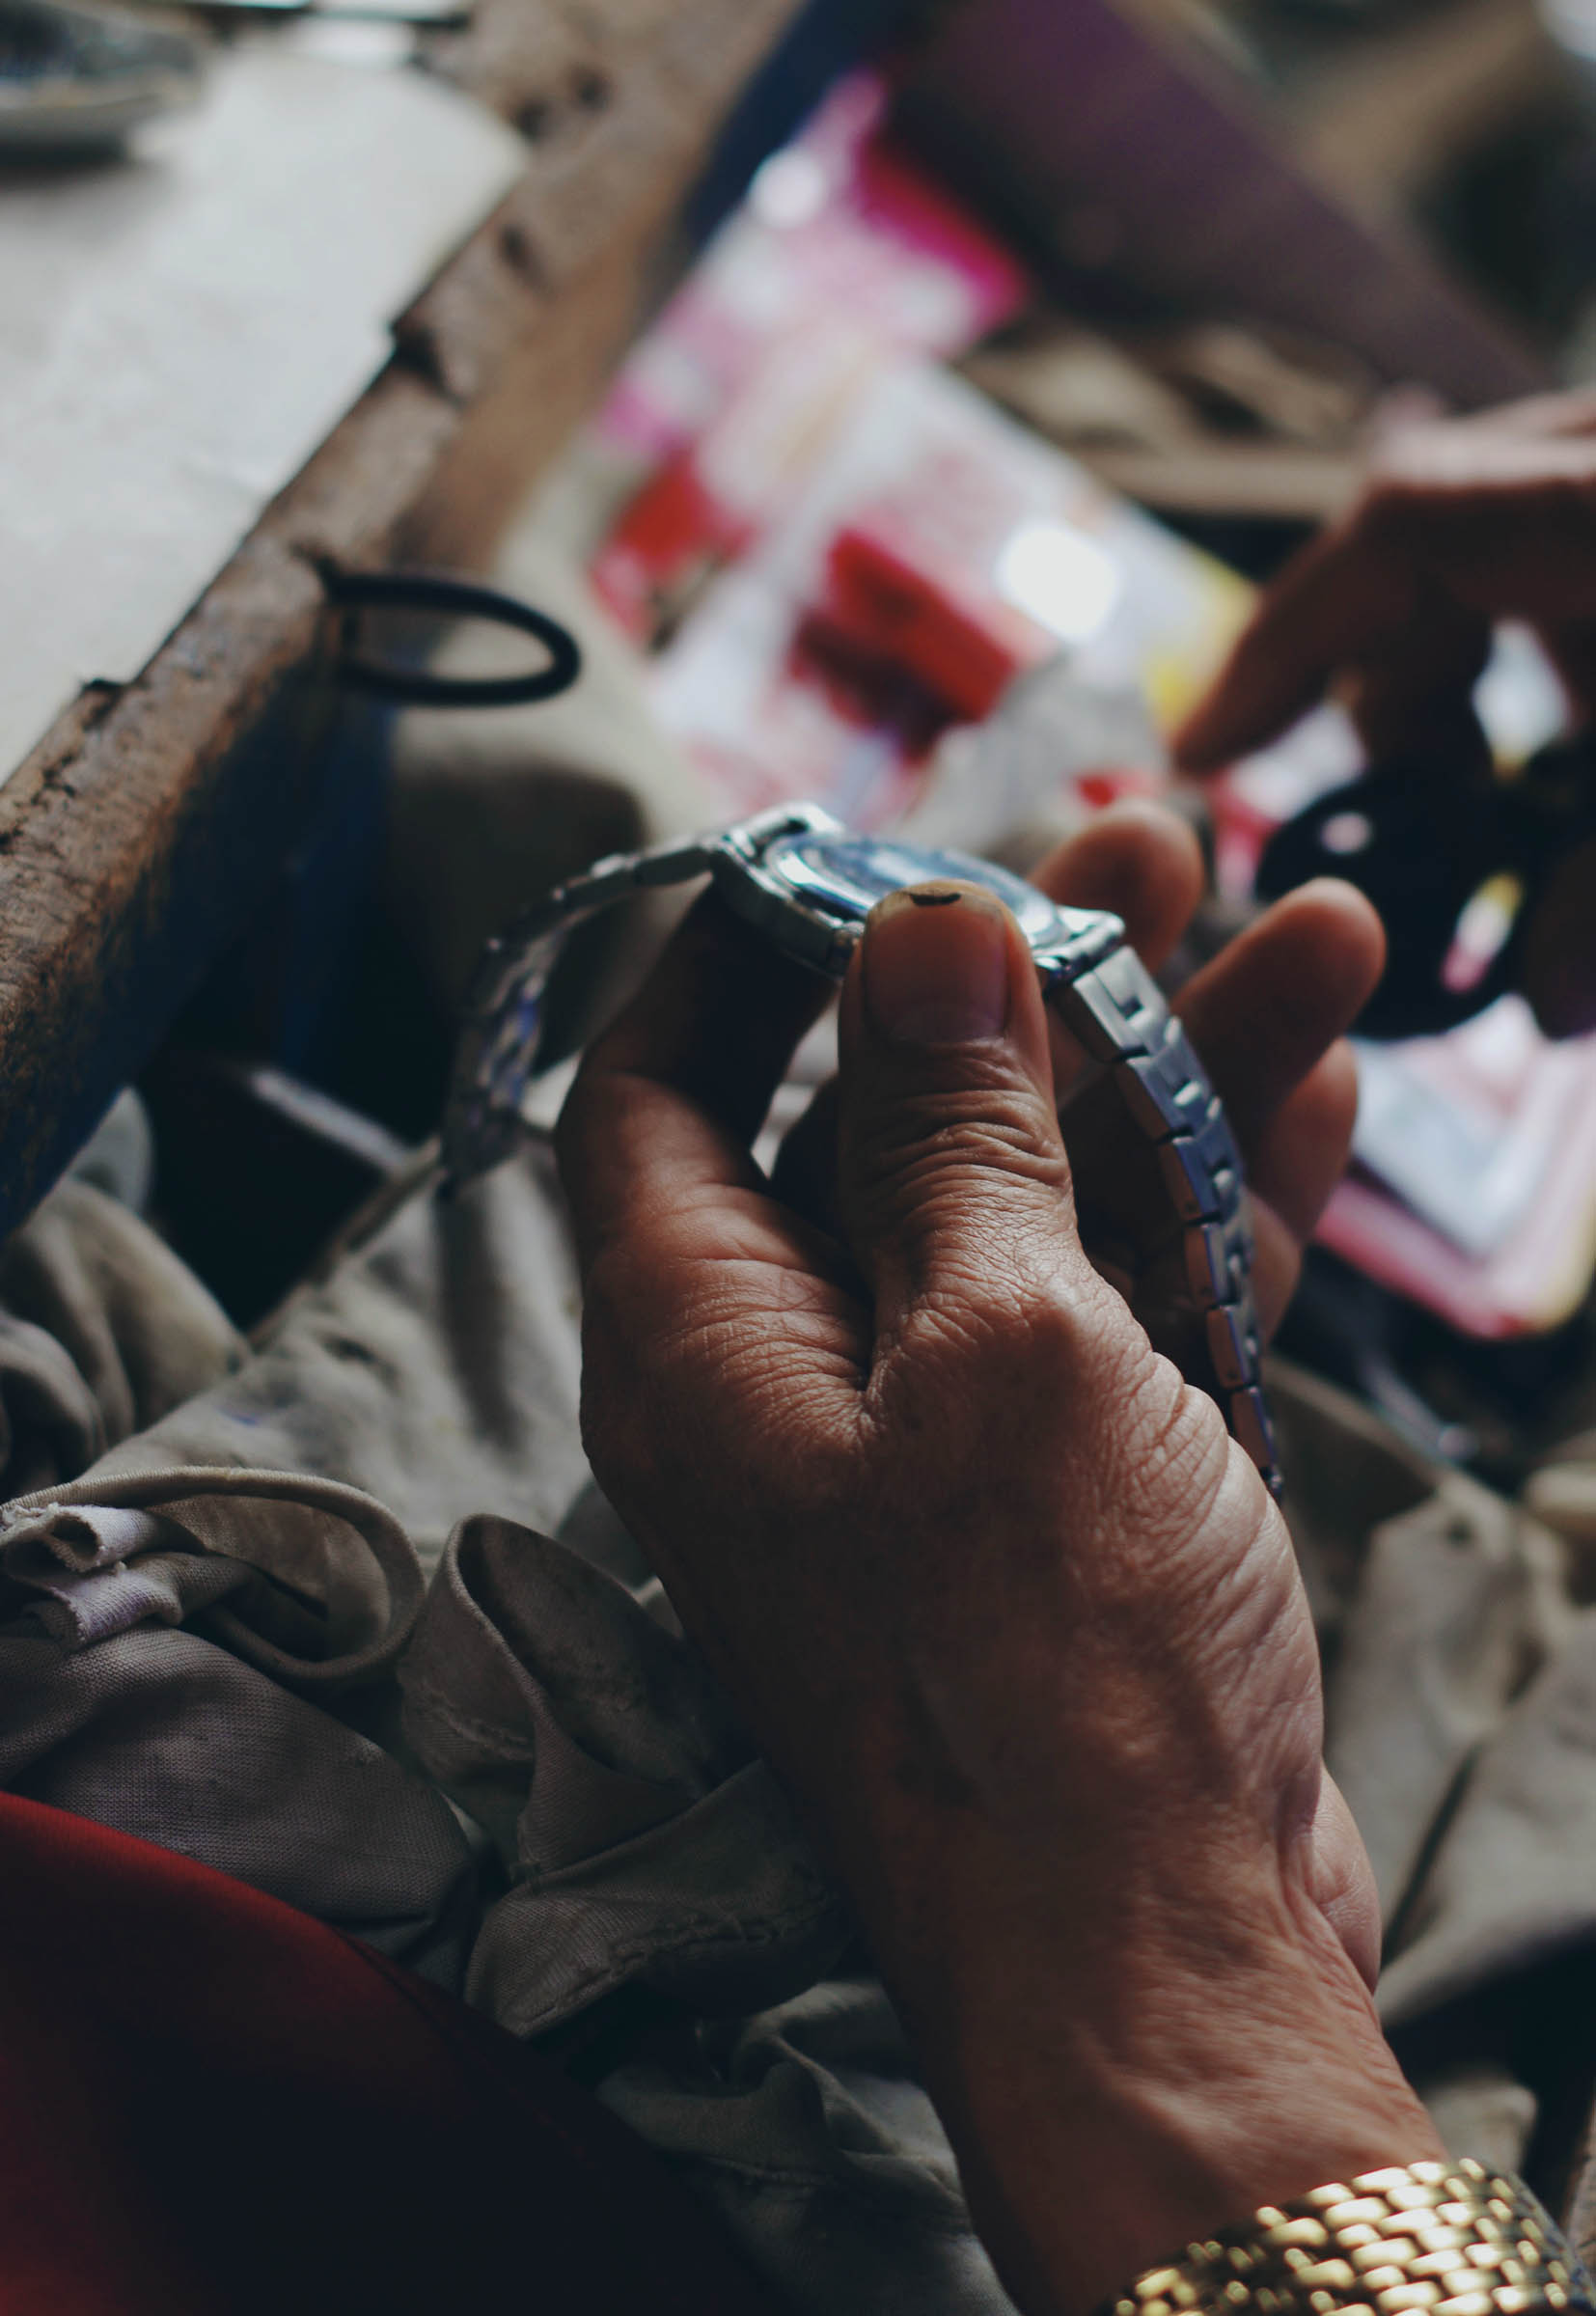 Watch repairs